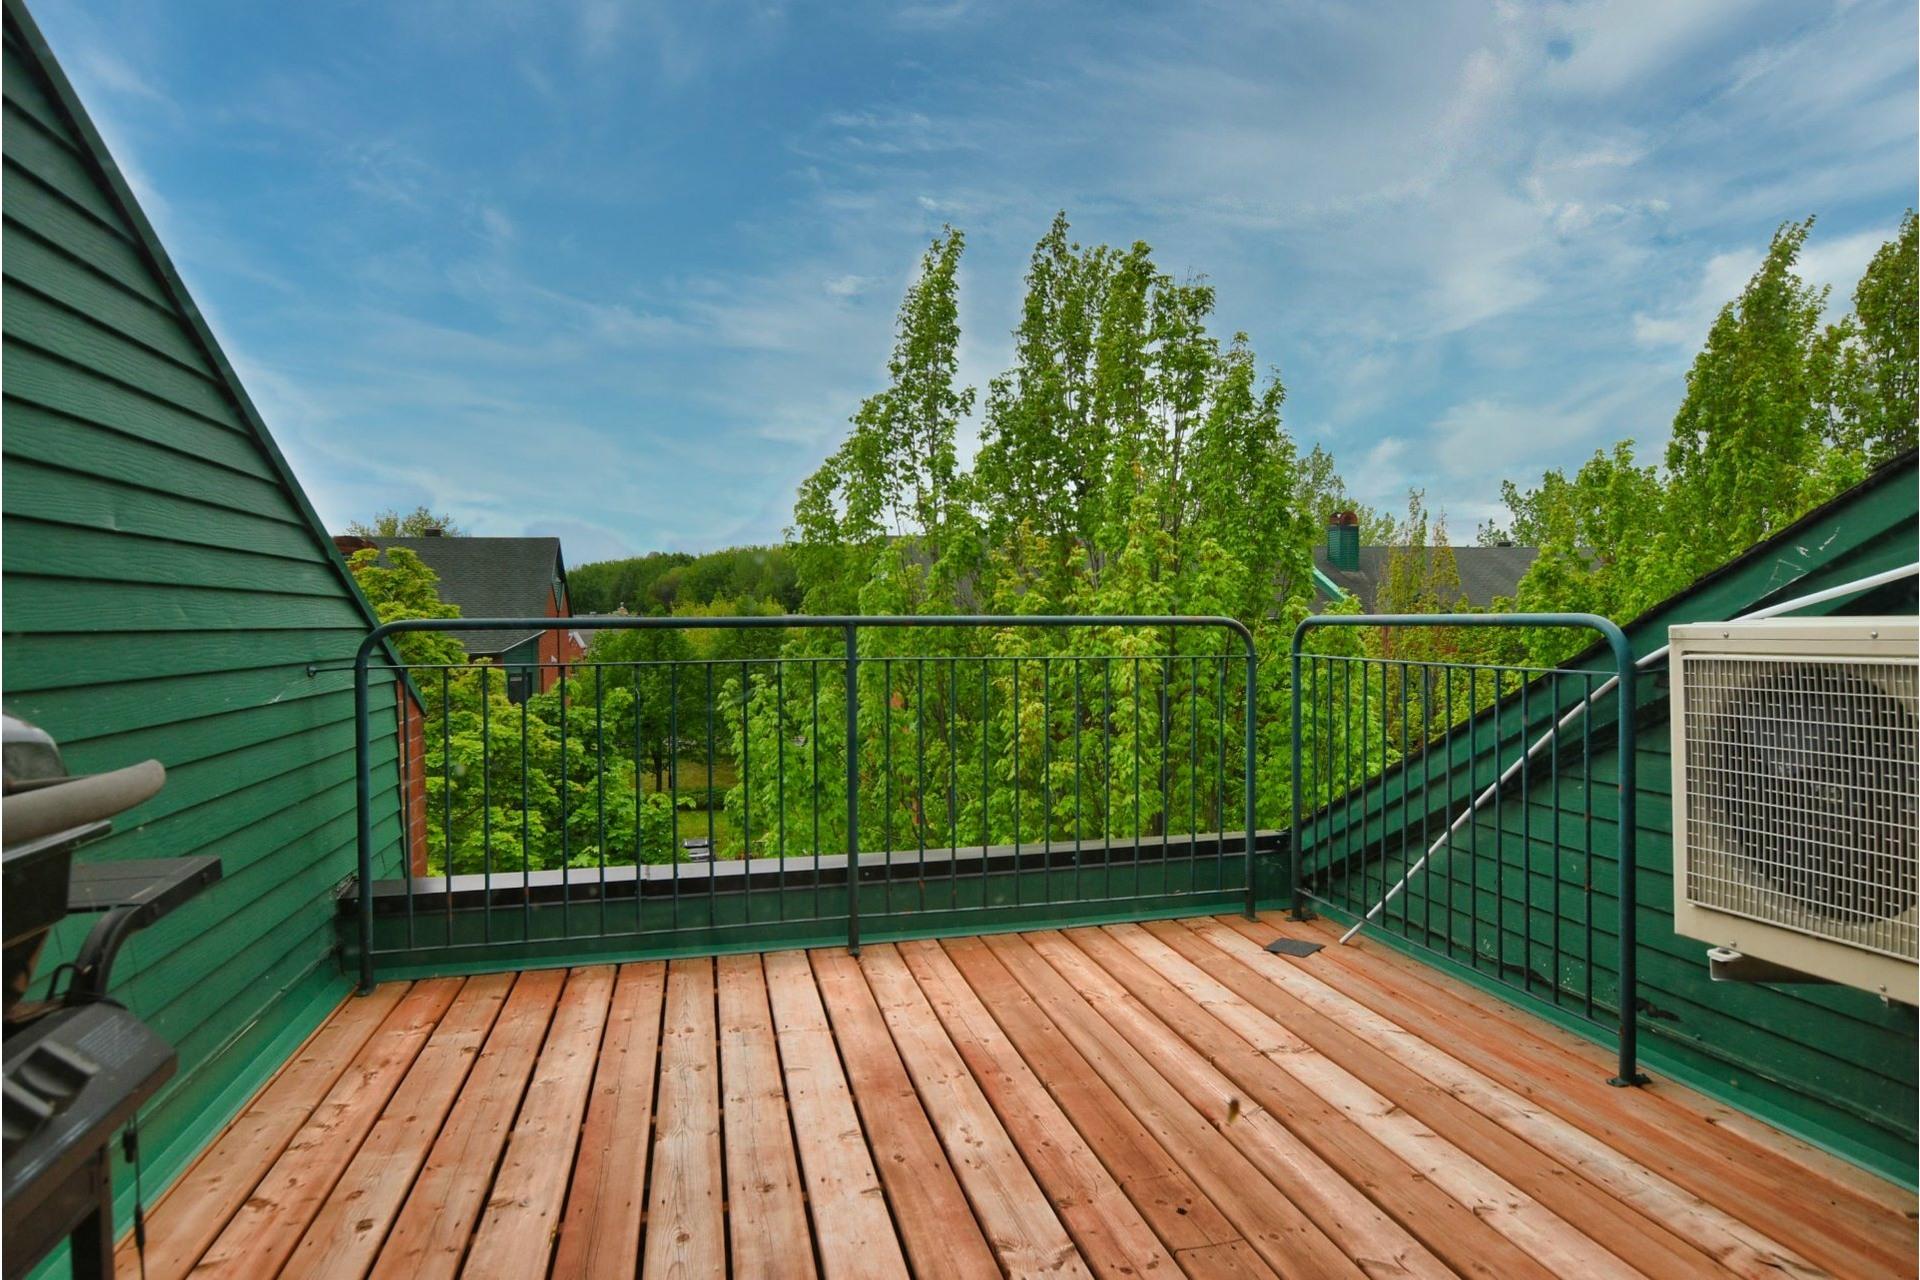 image 15 - Appartement À vendre Verdun/Île-des-Soeurs Montréal  - 8 pièces